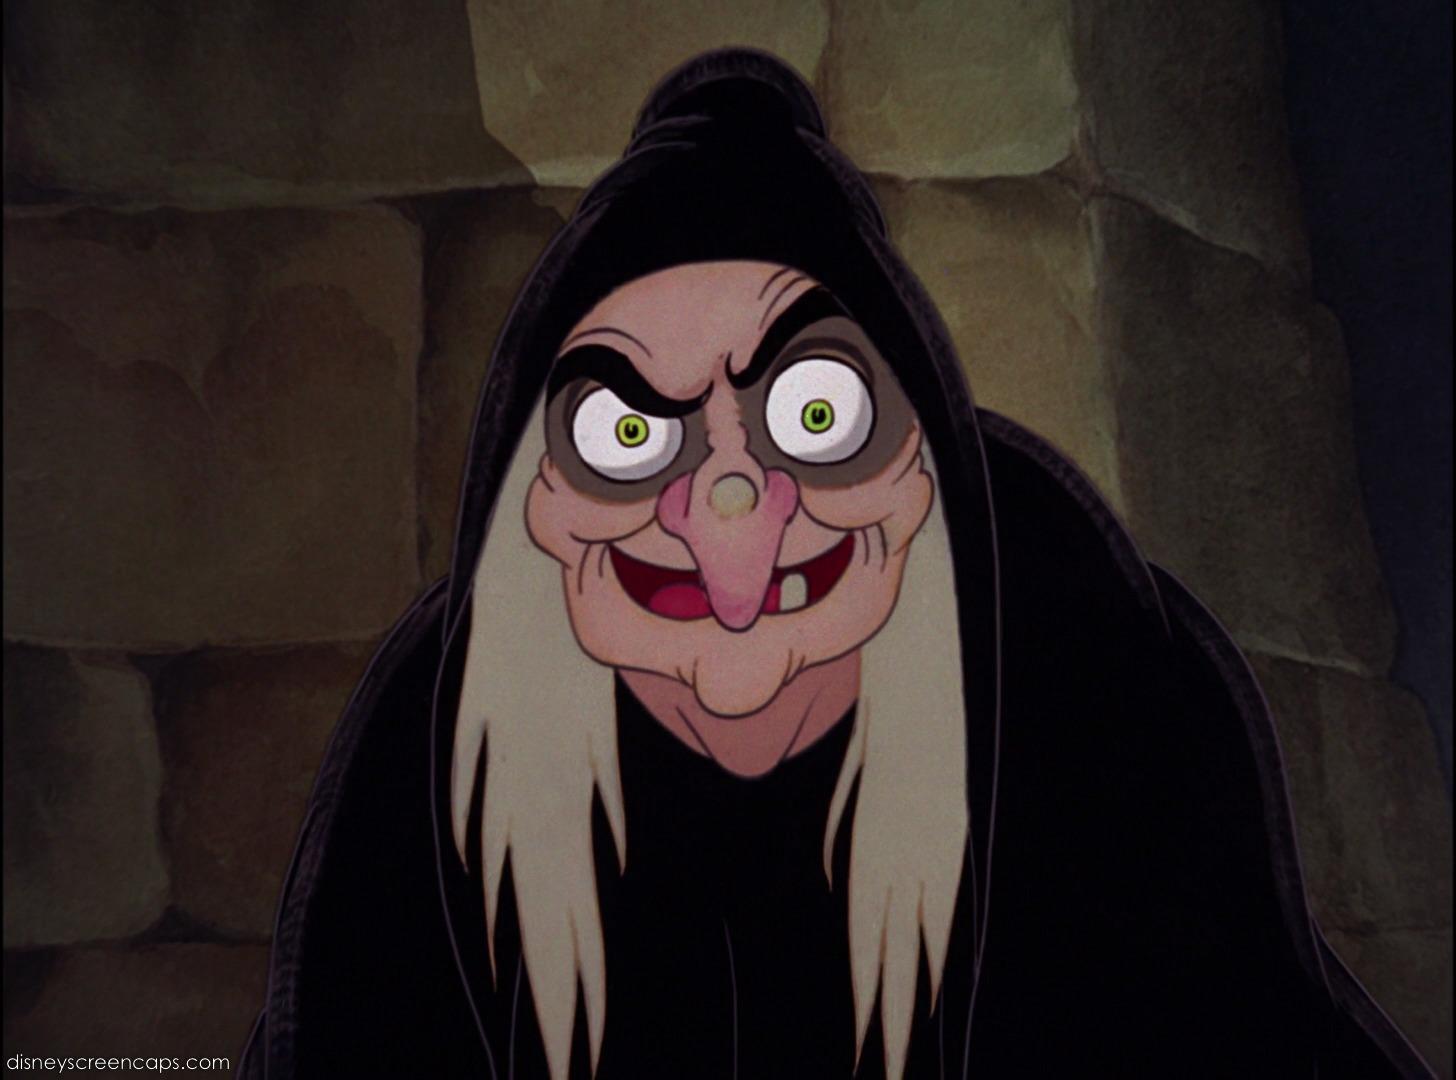 winter-witch-female-snowwhite-disneyscreencaps-com-186163.2